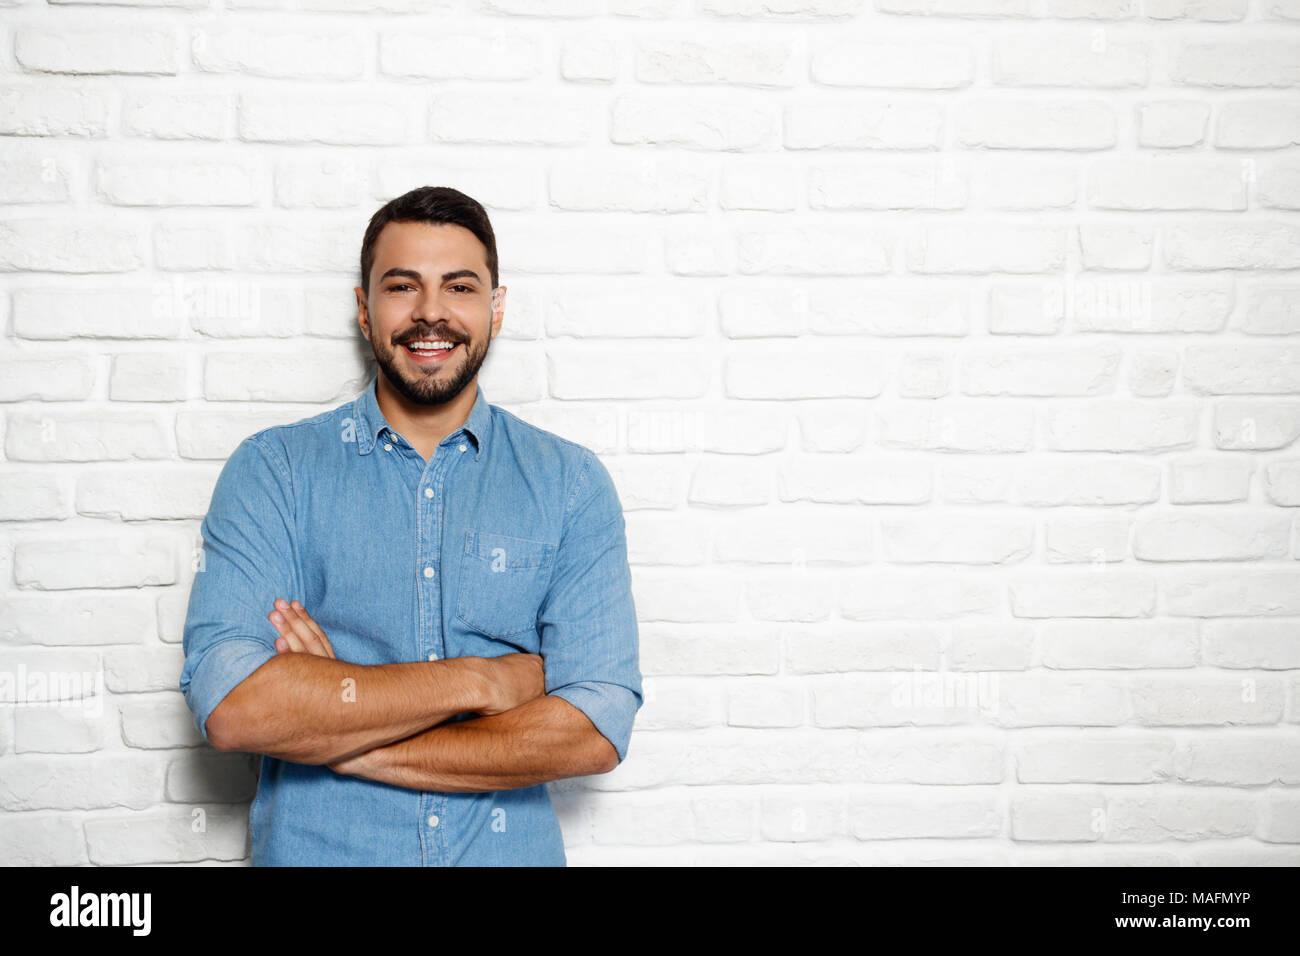 Ritratto di felice italiano uomo sorridente contro il muro bianco come sfondo e guardando la fotocamera. Immagini Stock